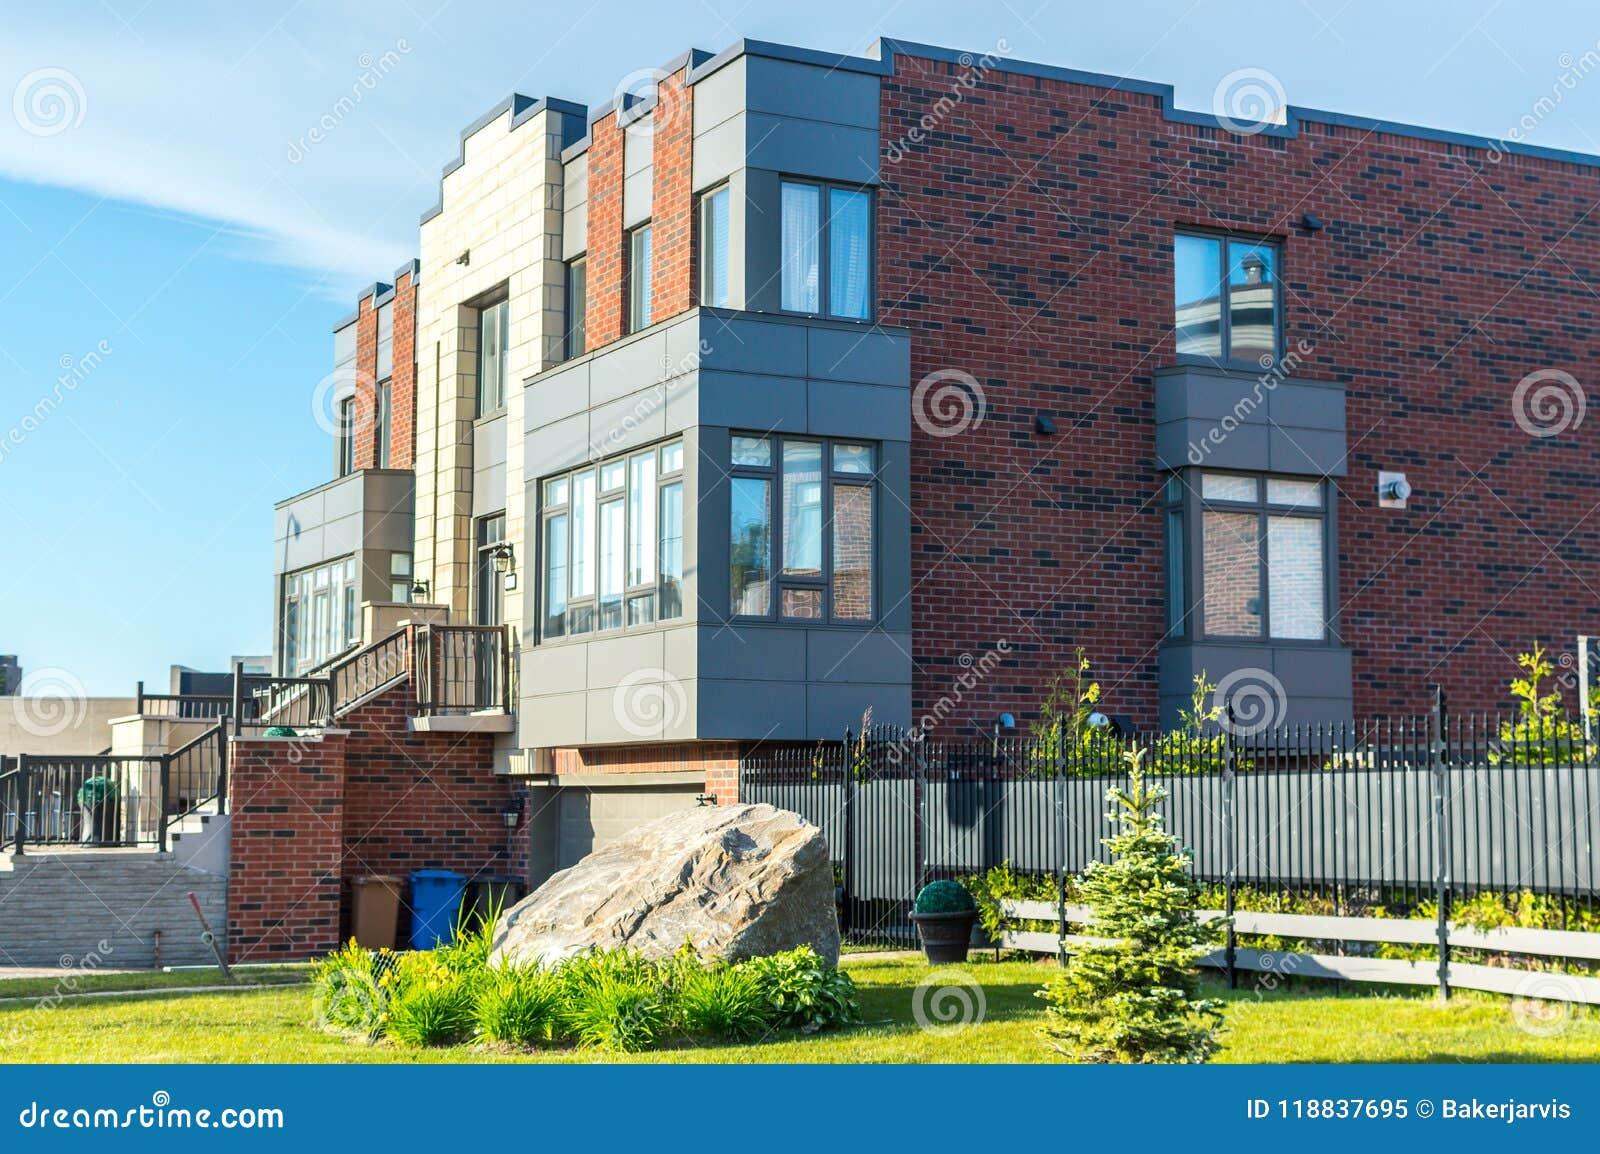 Maison Moderne Chère Avec Les Fenêtres énormes Image stock ...